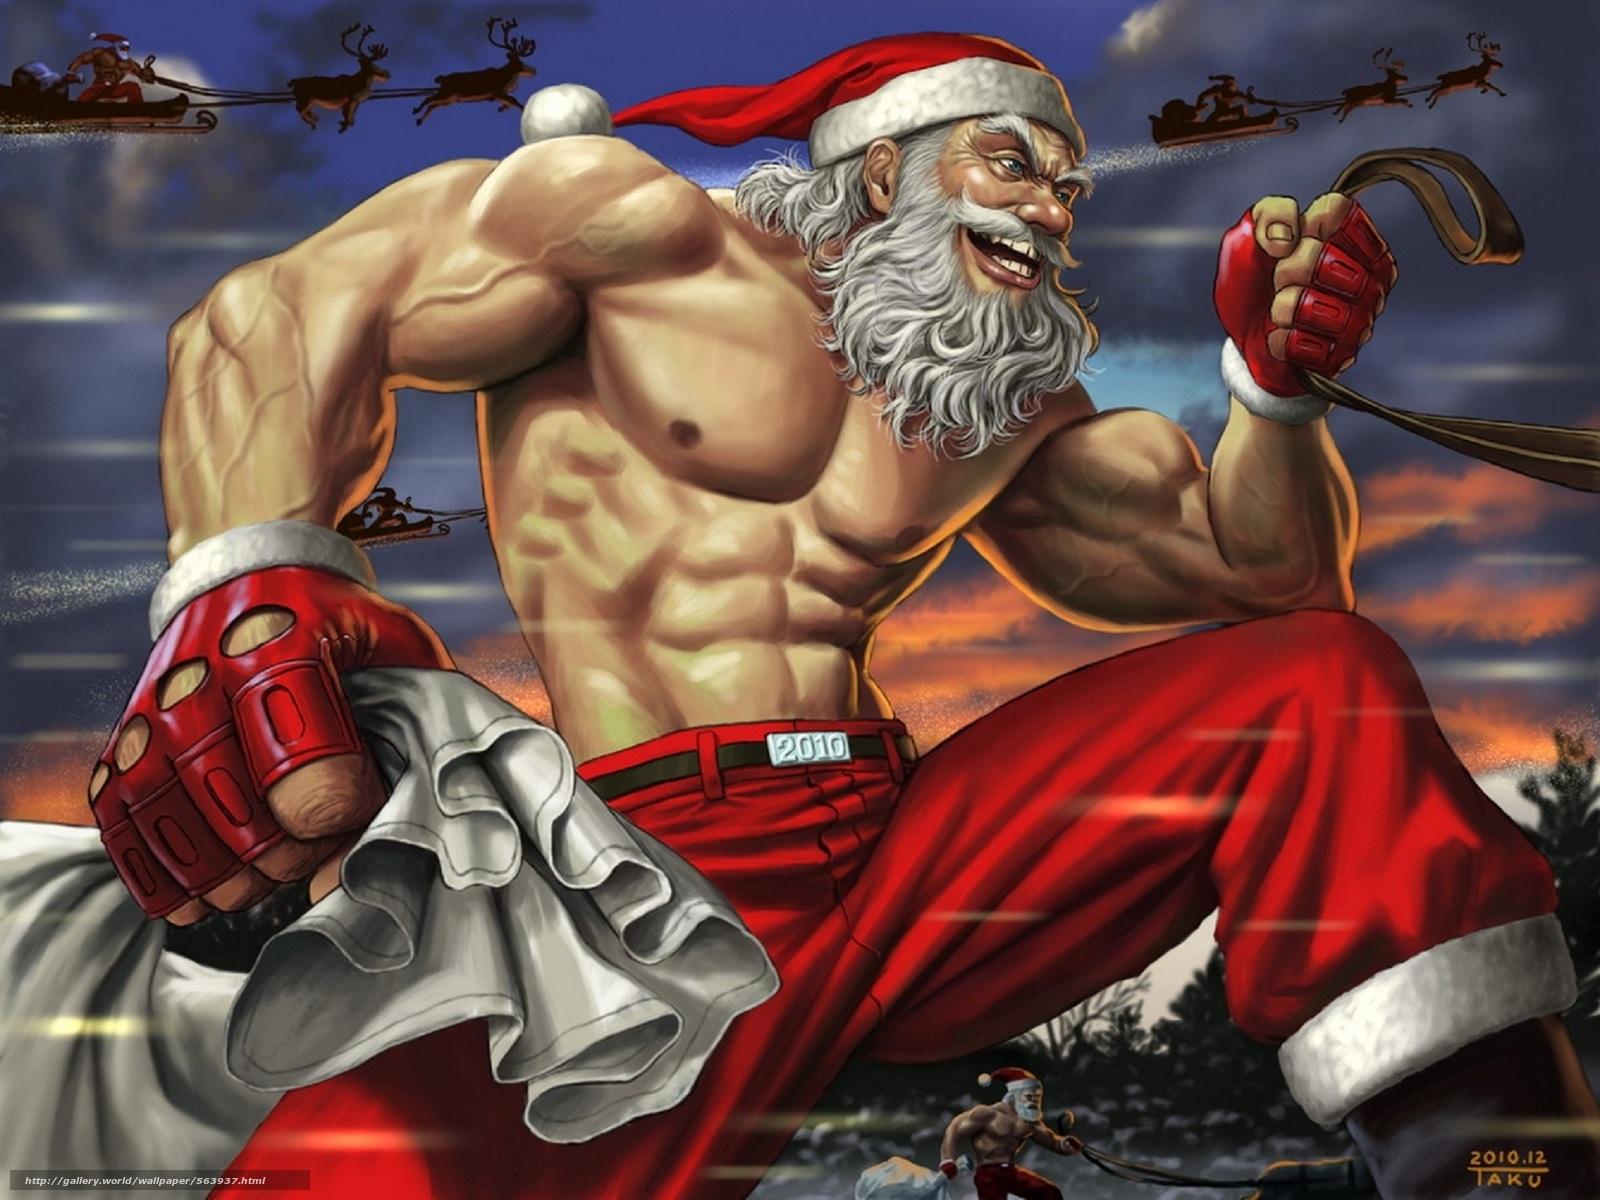 下载壁纸 雪,  新年,  圣诞老人,  运动 免费为您的桌面分辨率的壁纸 1950x1462 — 图片 №563937